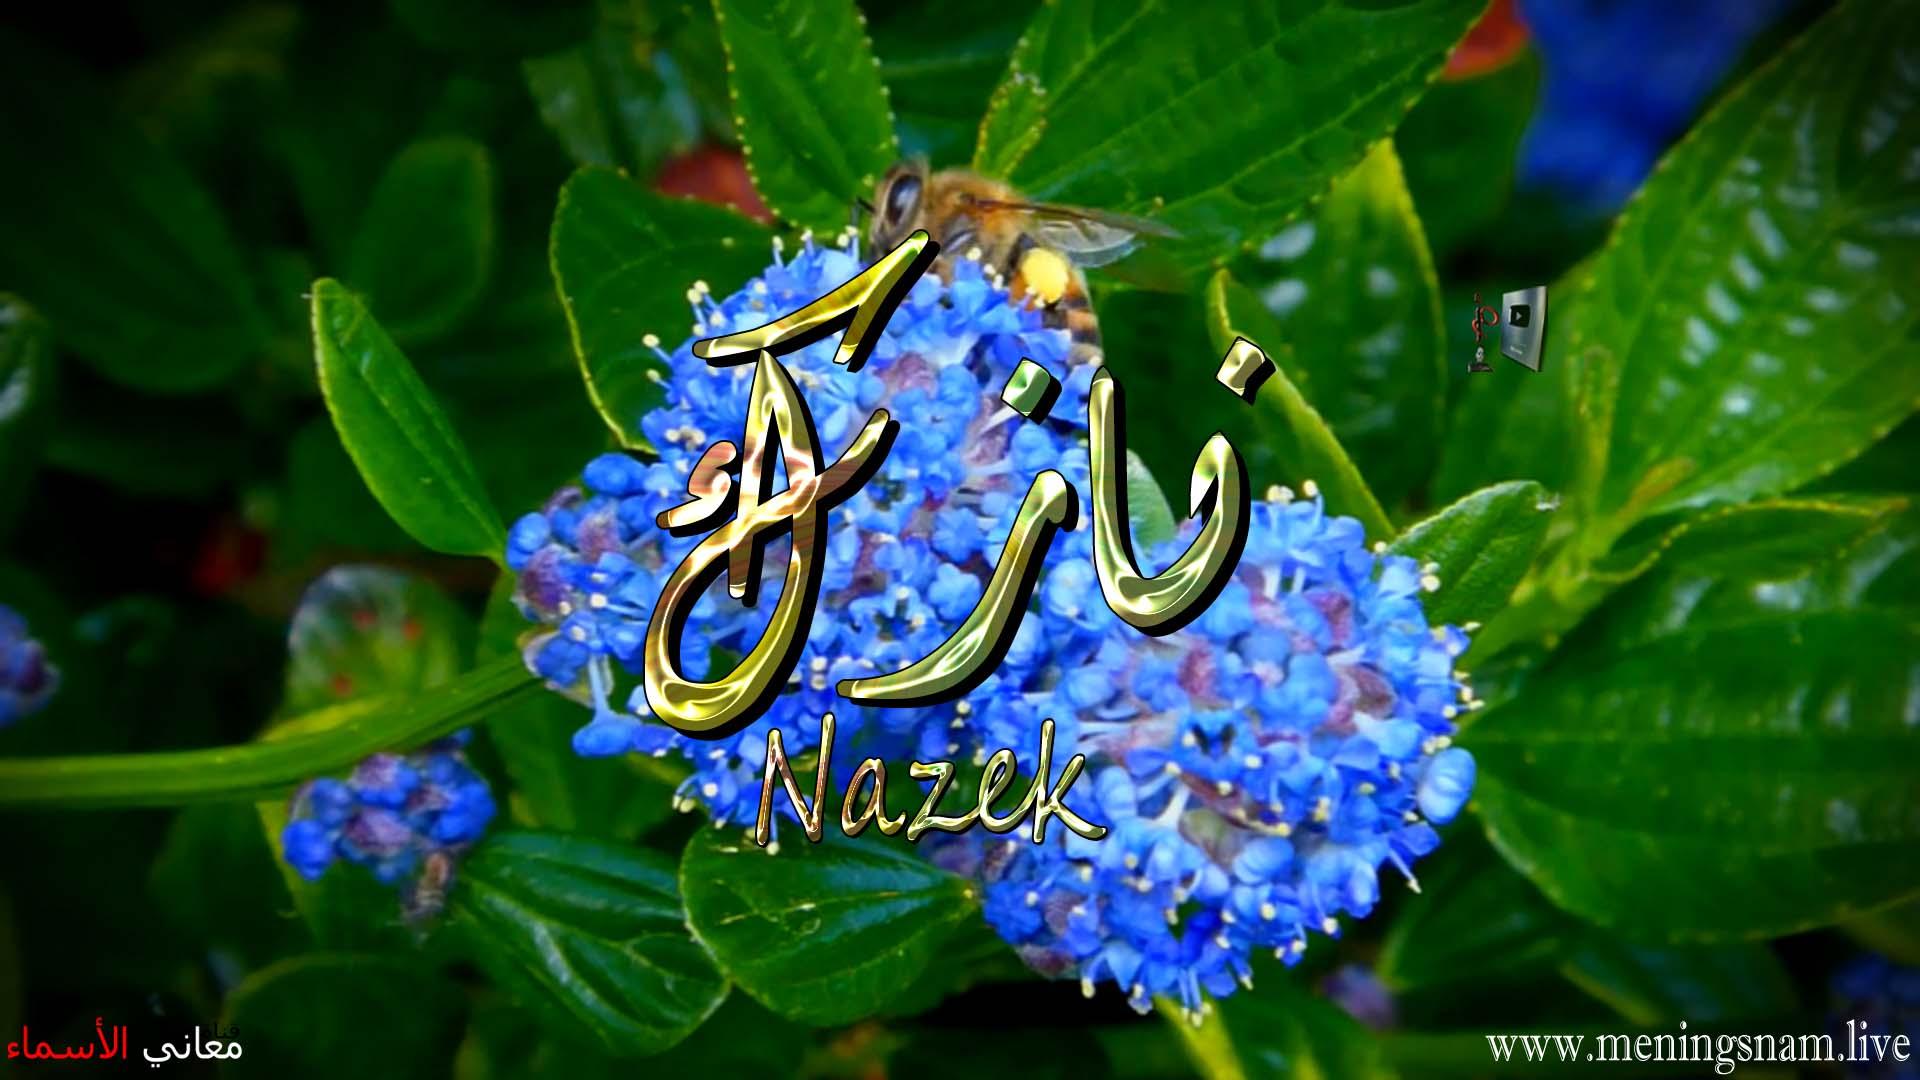 معنى اسم نازك وصفات حاملة وحامل هذا الاسم Nazek